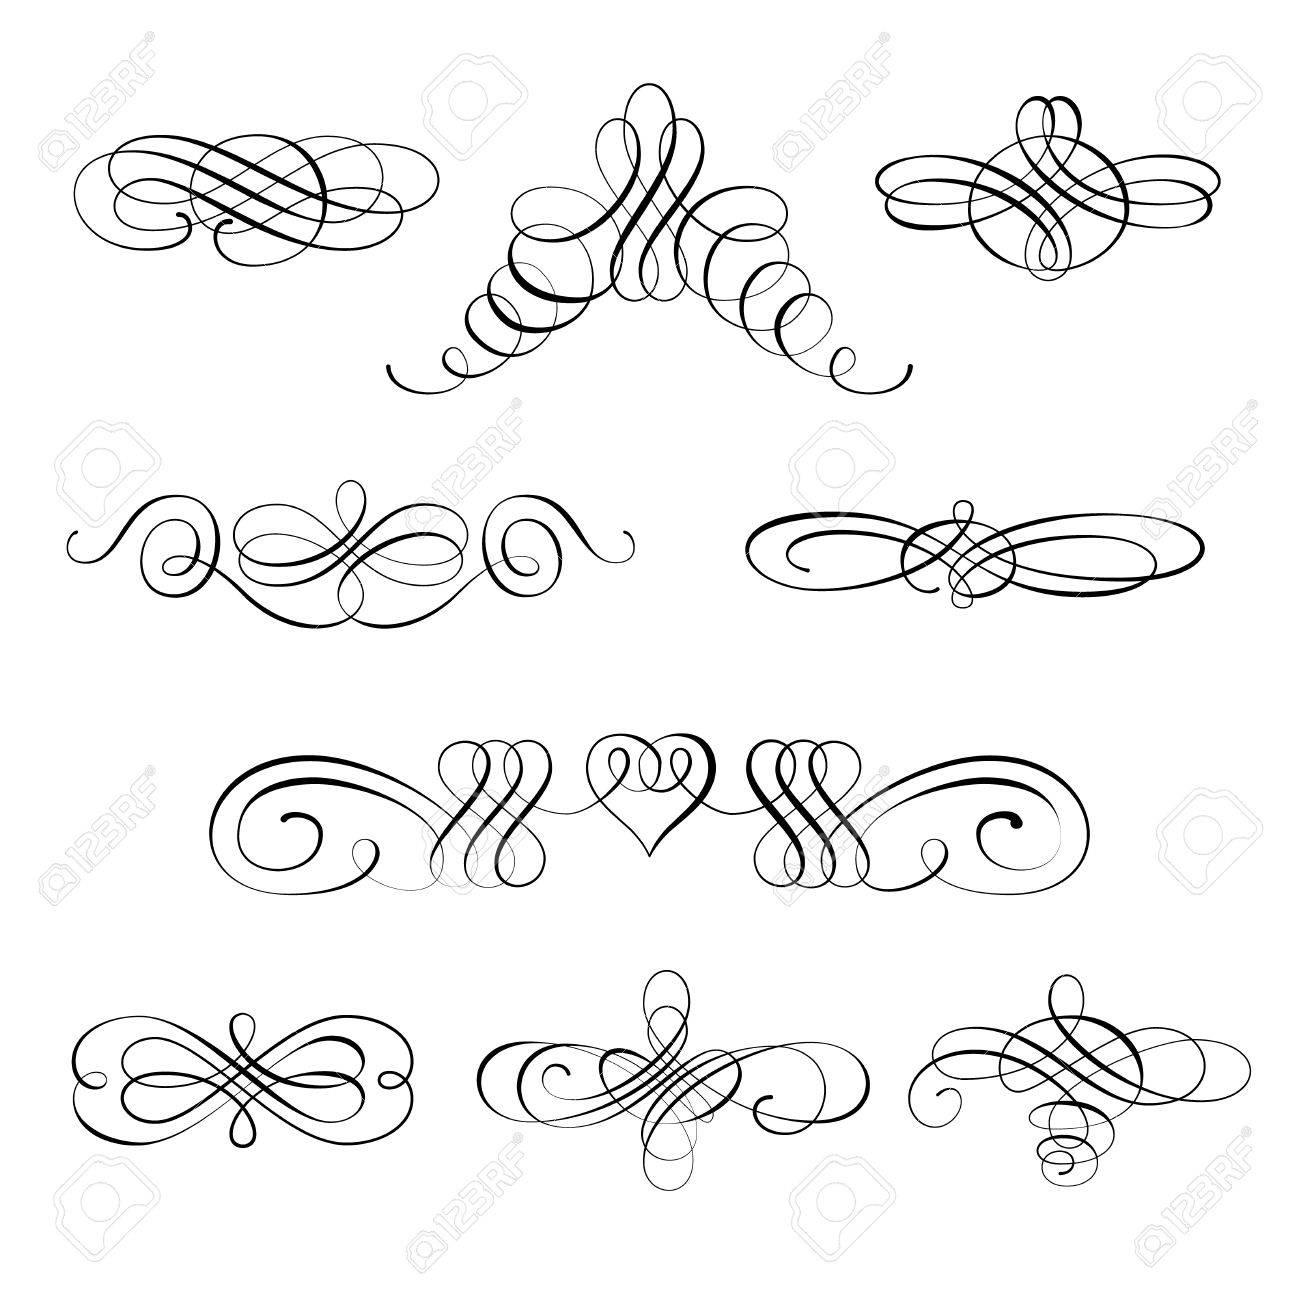 Decorazioni Lettere D Amore imposta la raccolta di elementi calligrafici e decorazioni di pagine. può  essere utilizzato per decorare carte, inviti, creare sfondi, modelli,  bordi,